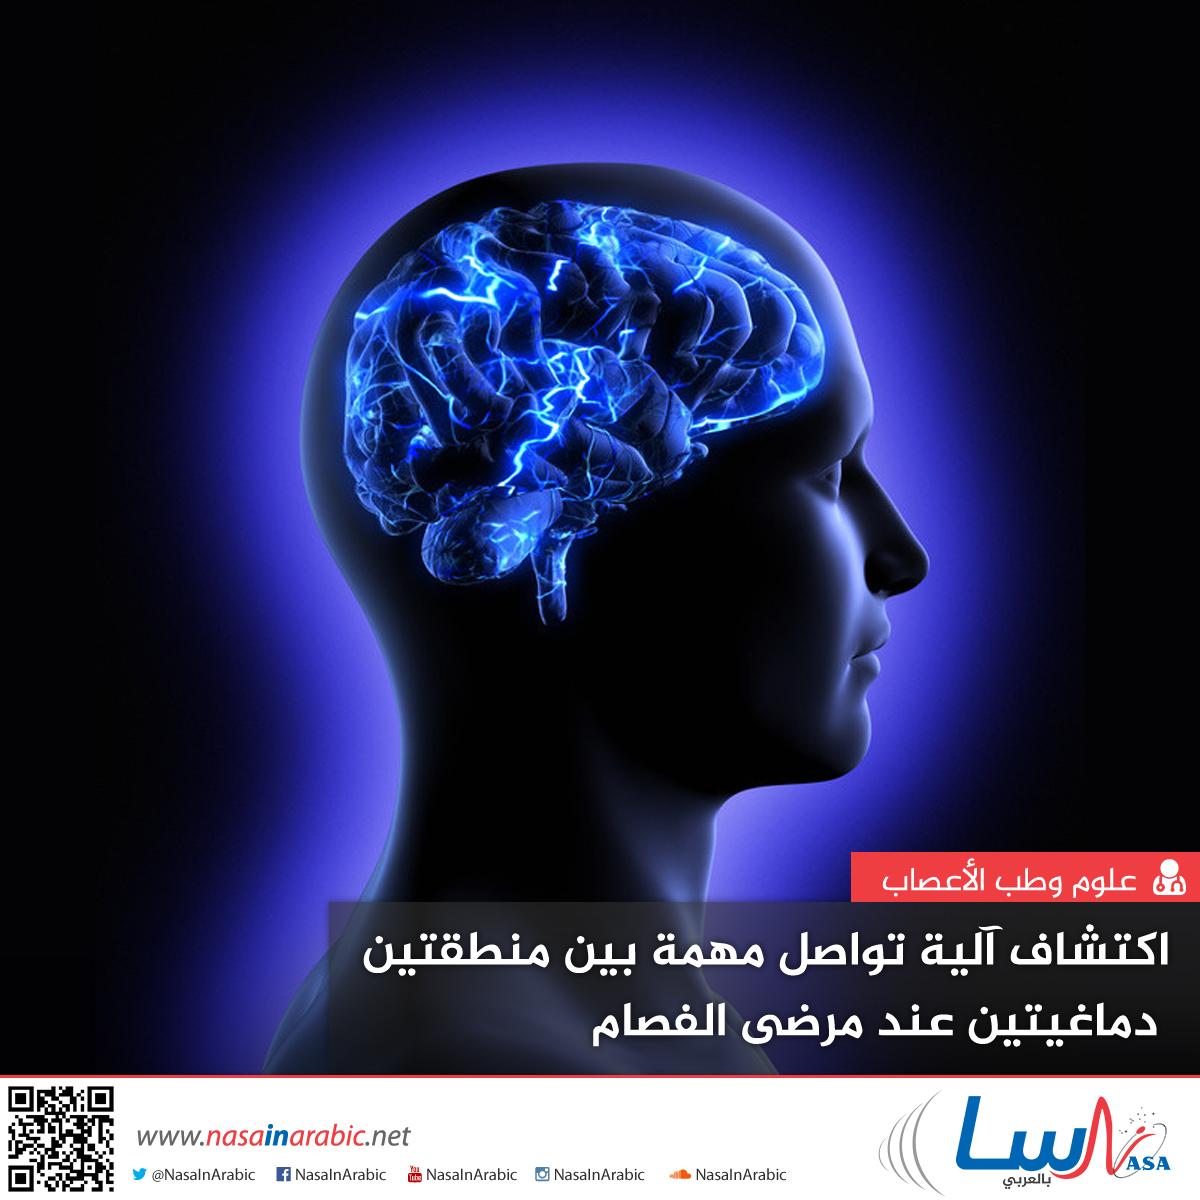 اكتشاف آلية تواصل مهمة بين منطقتين دماغيتين عند مرضى الفصام